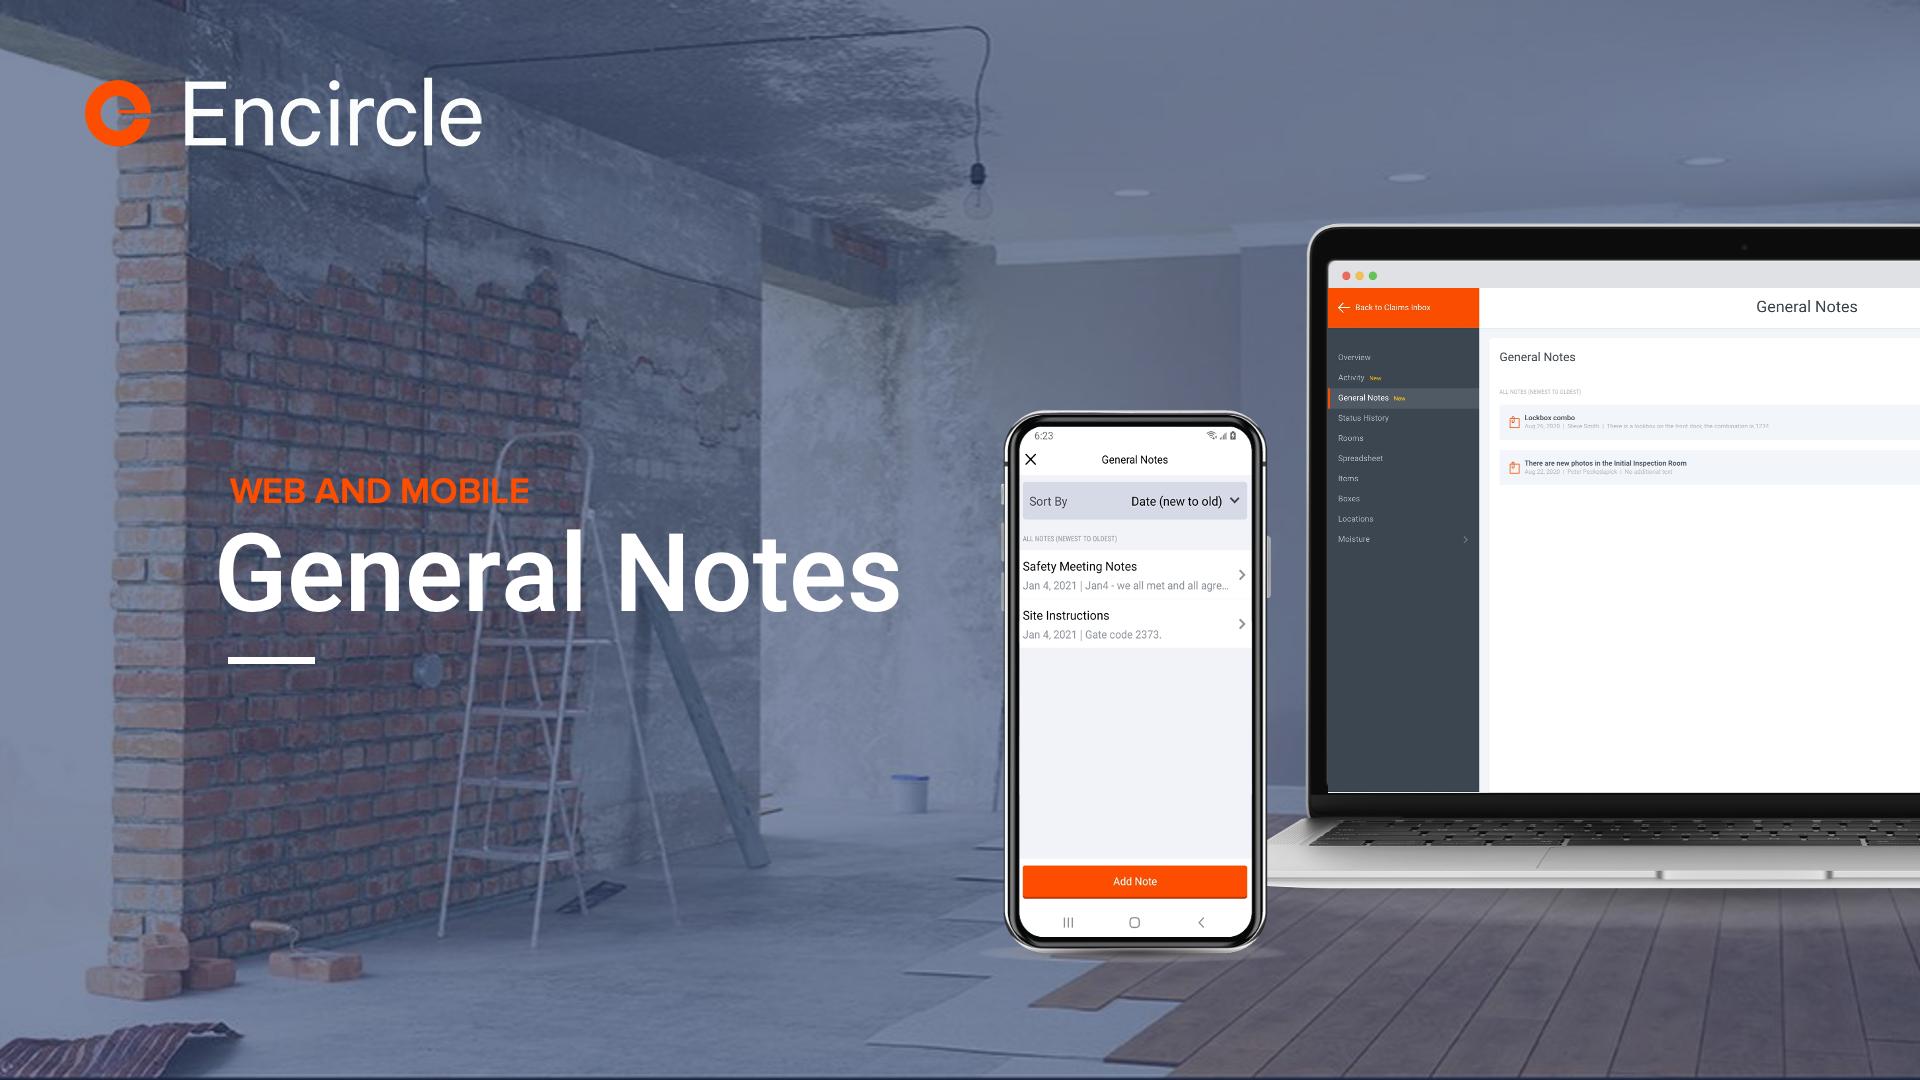 3-General-Notes-Whats-New-at-Encircle-Webinar